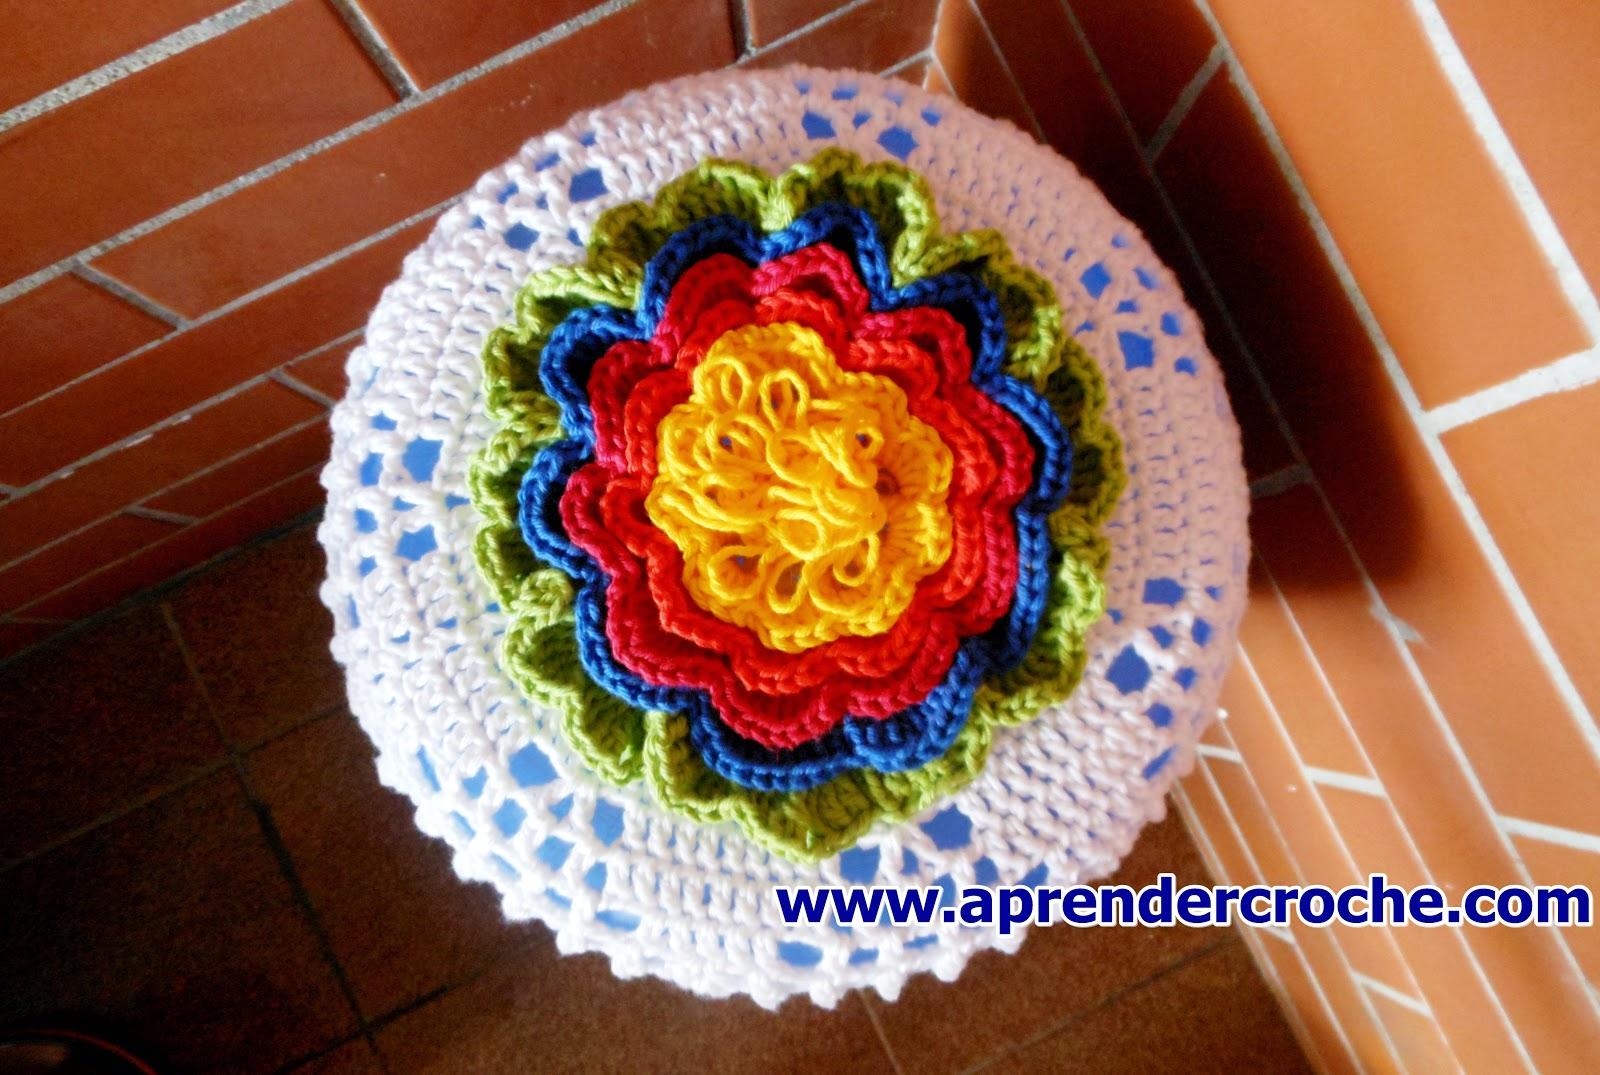 aprender croche gratis com capa arco-iris para galão de agua dvd curso de croche loja frete gratis